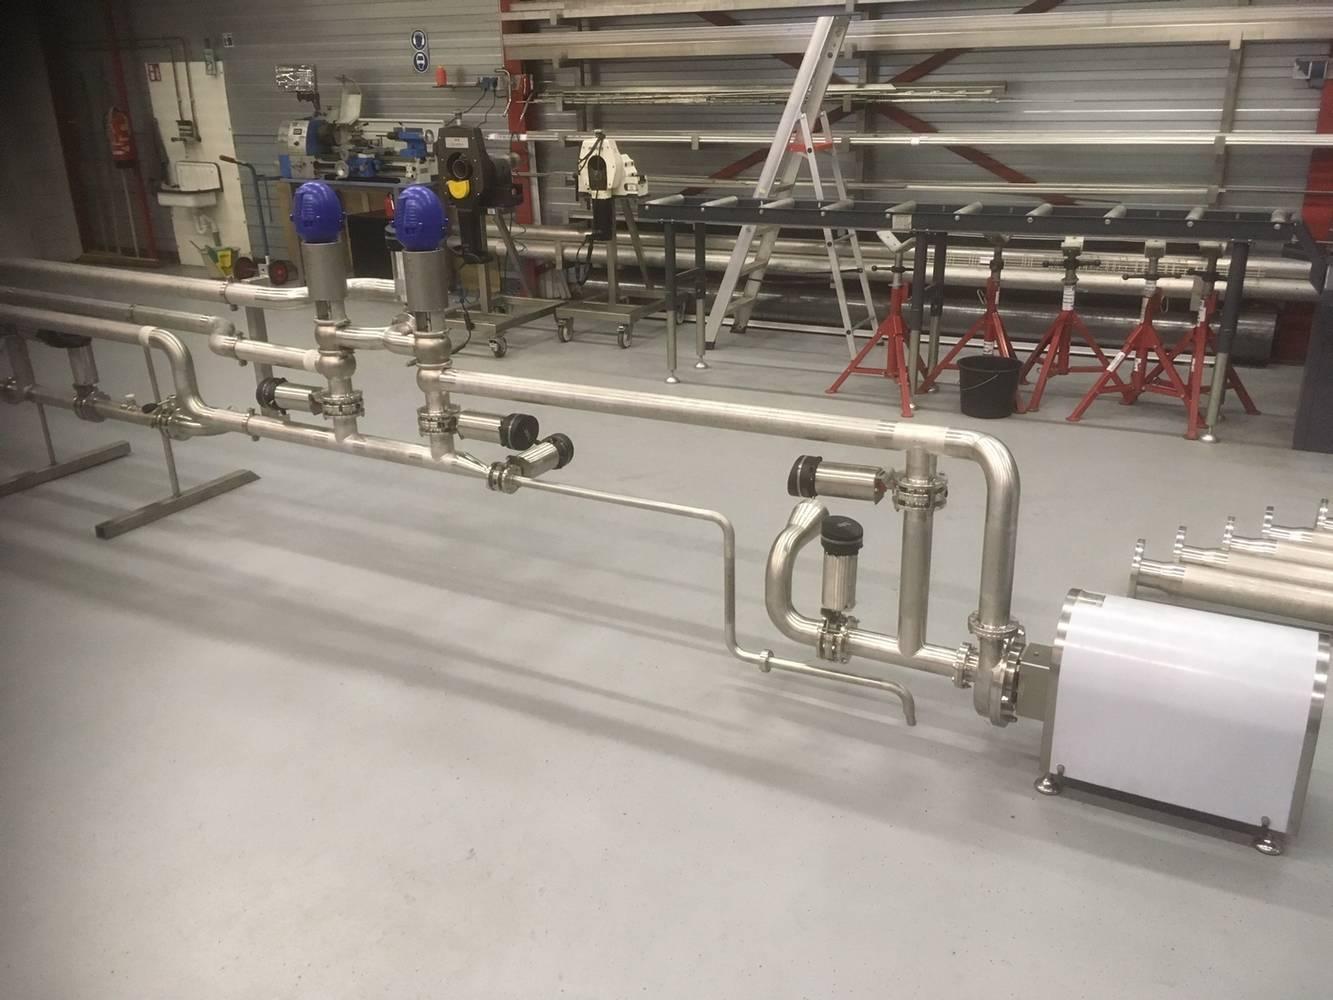 Manifold voor kaasfabriek